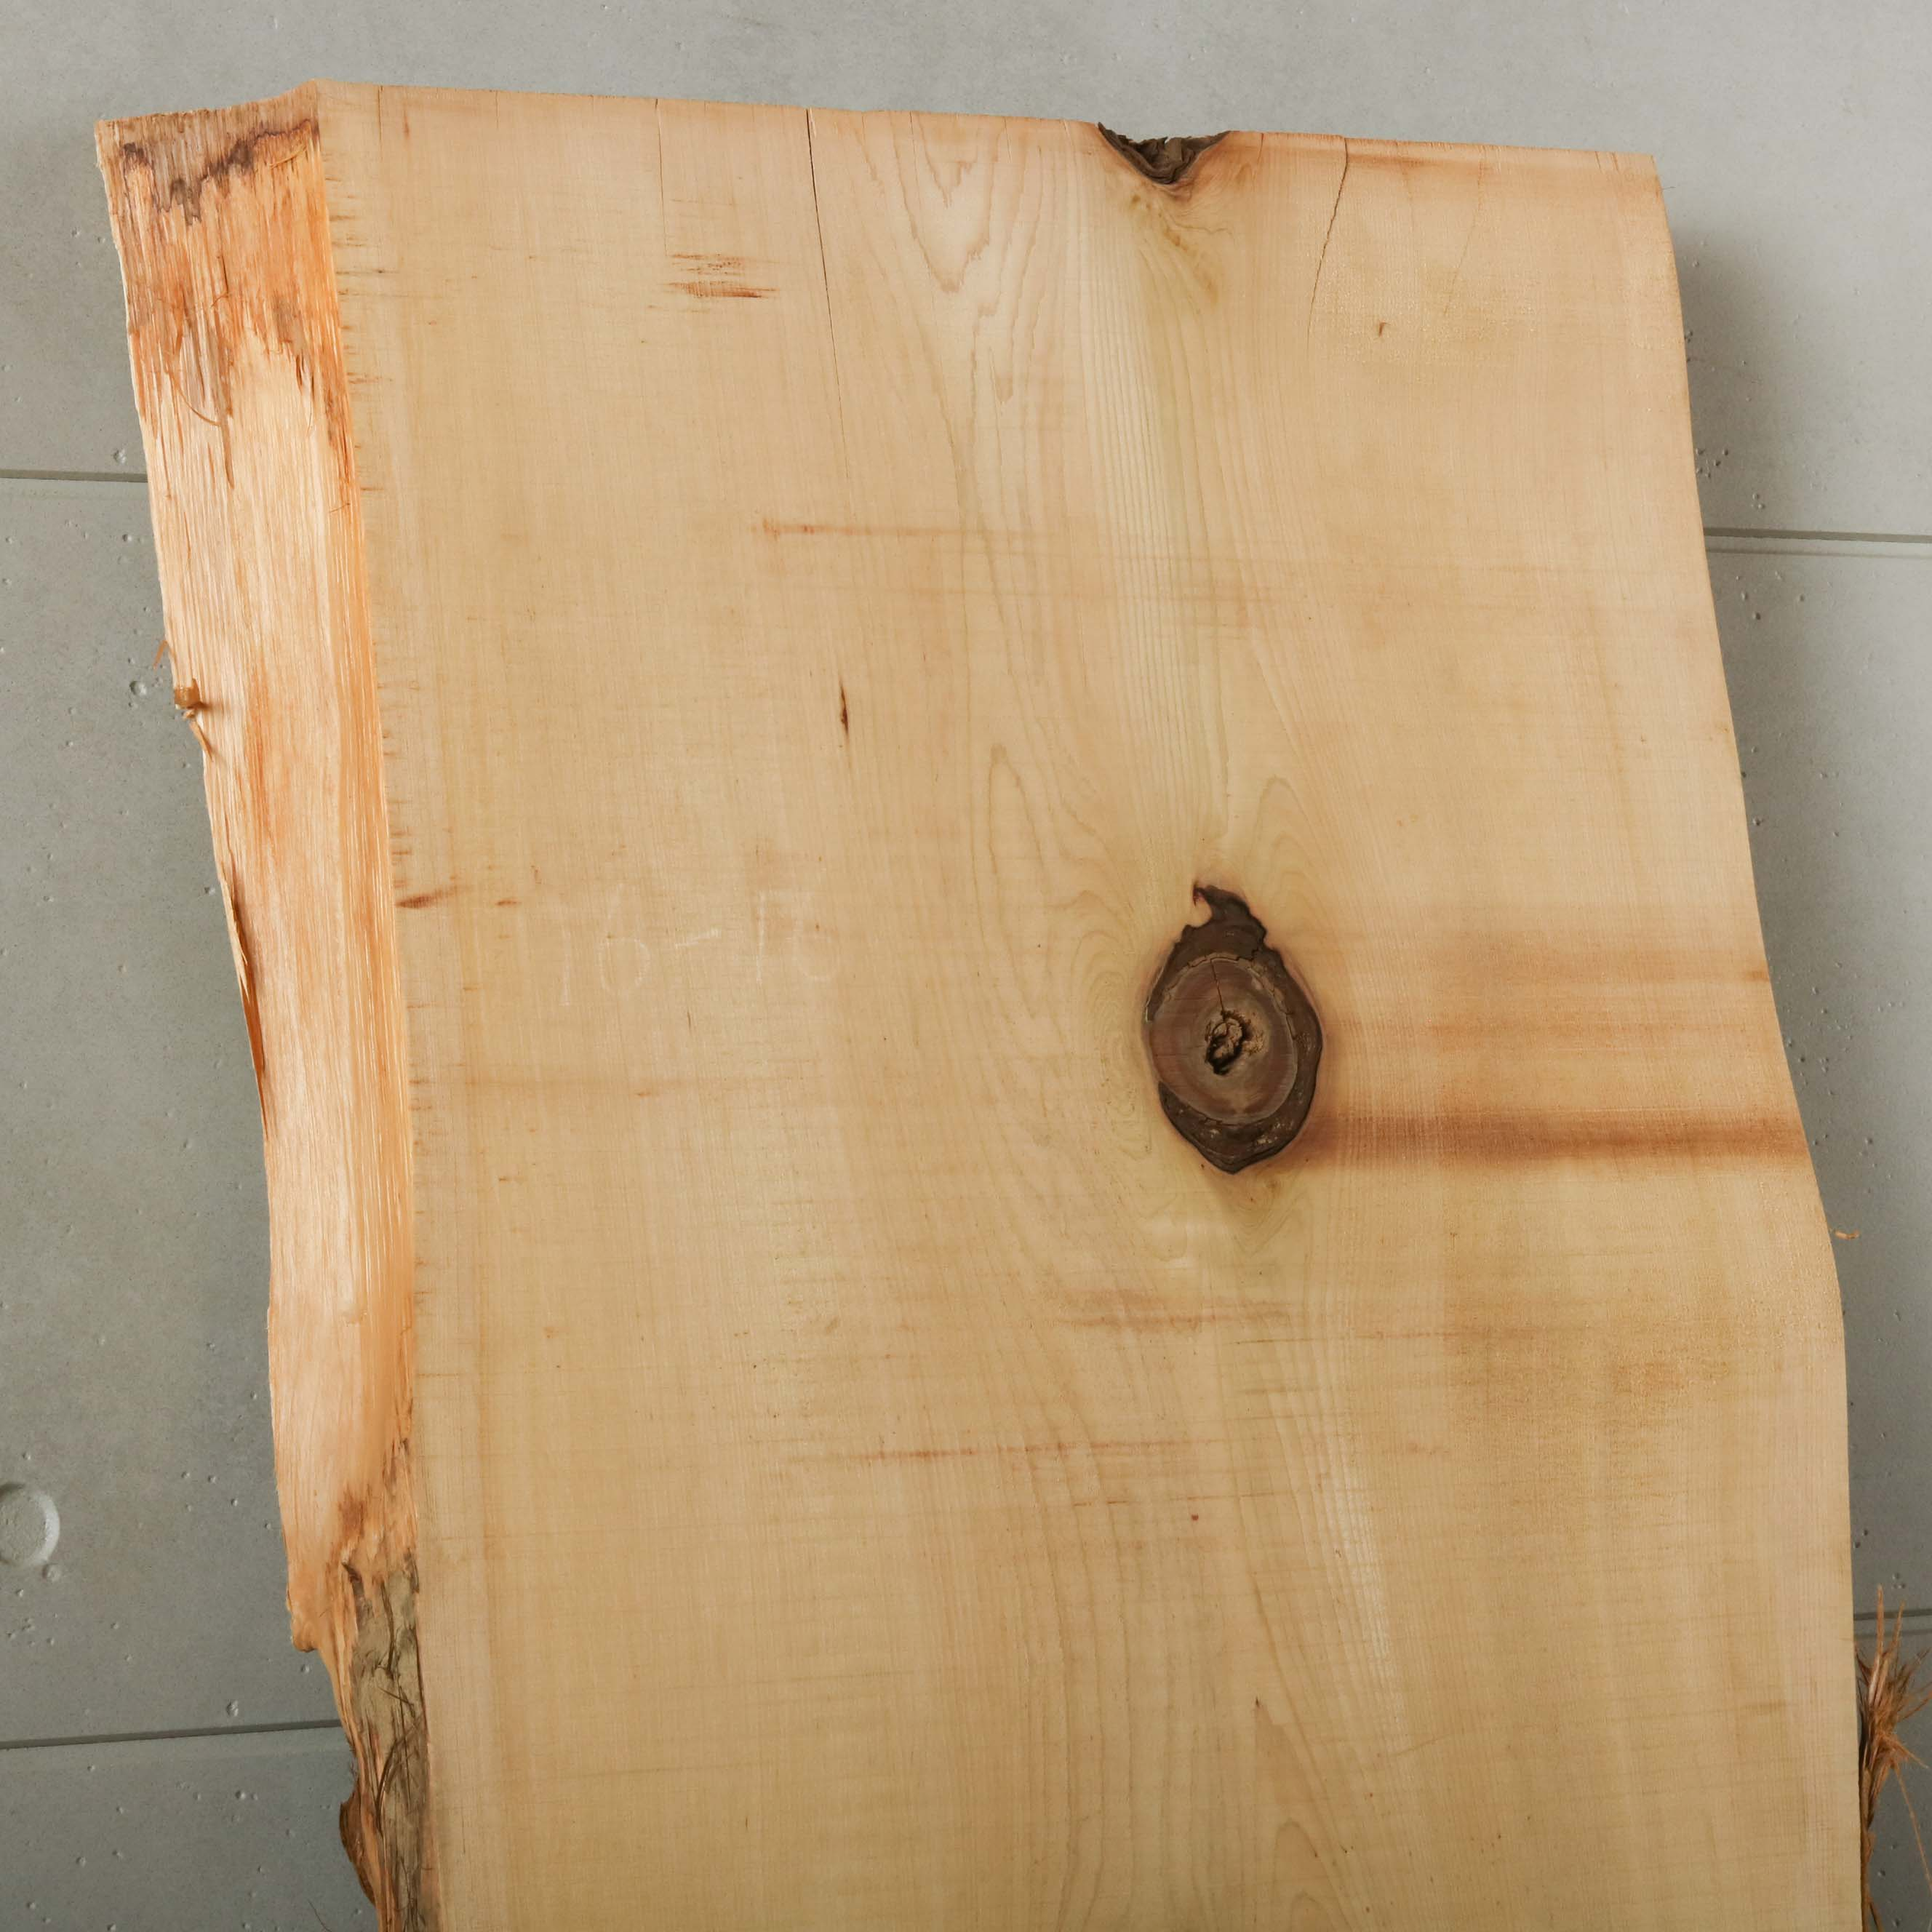 16-016 檜葉 (ヒバ) 一枚板 有限会社村口産業(下北郡)